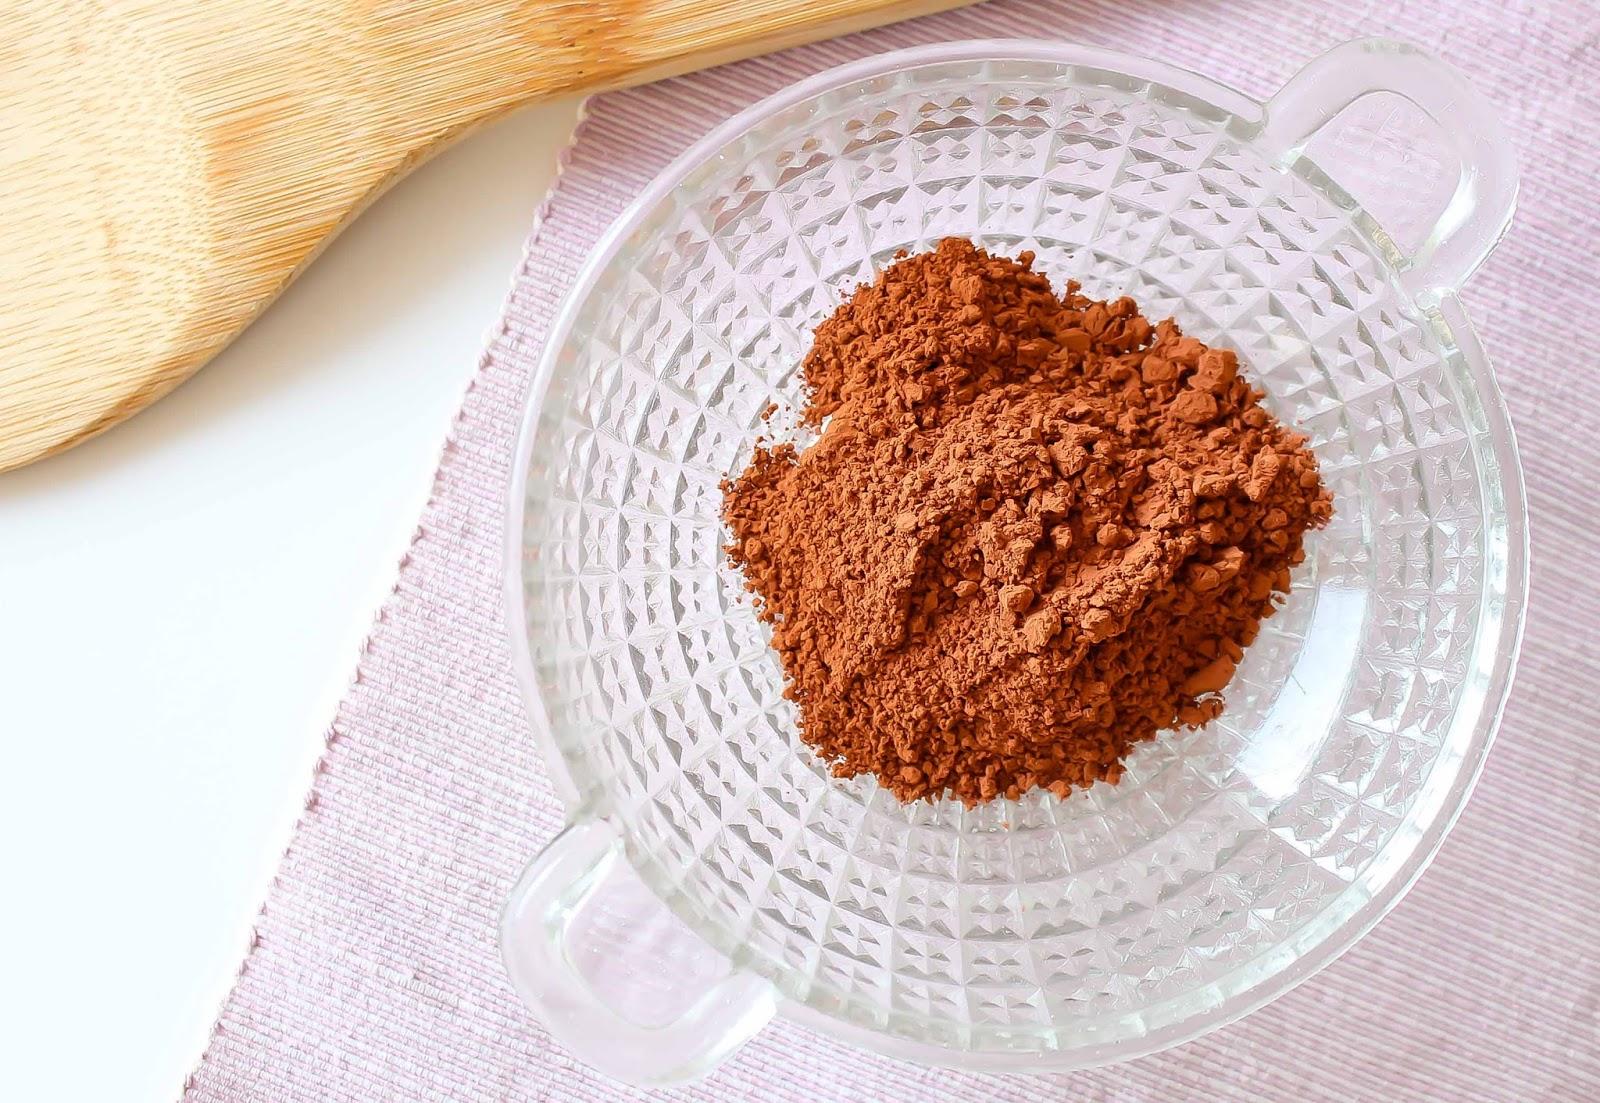 recette masque argile rouge fait maison contre les cicatrices et bonn-mine peaux ternes